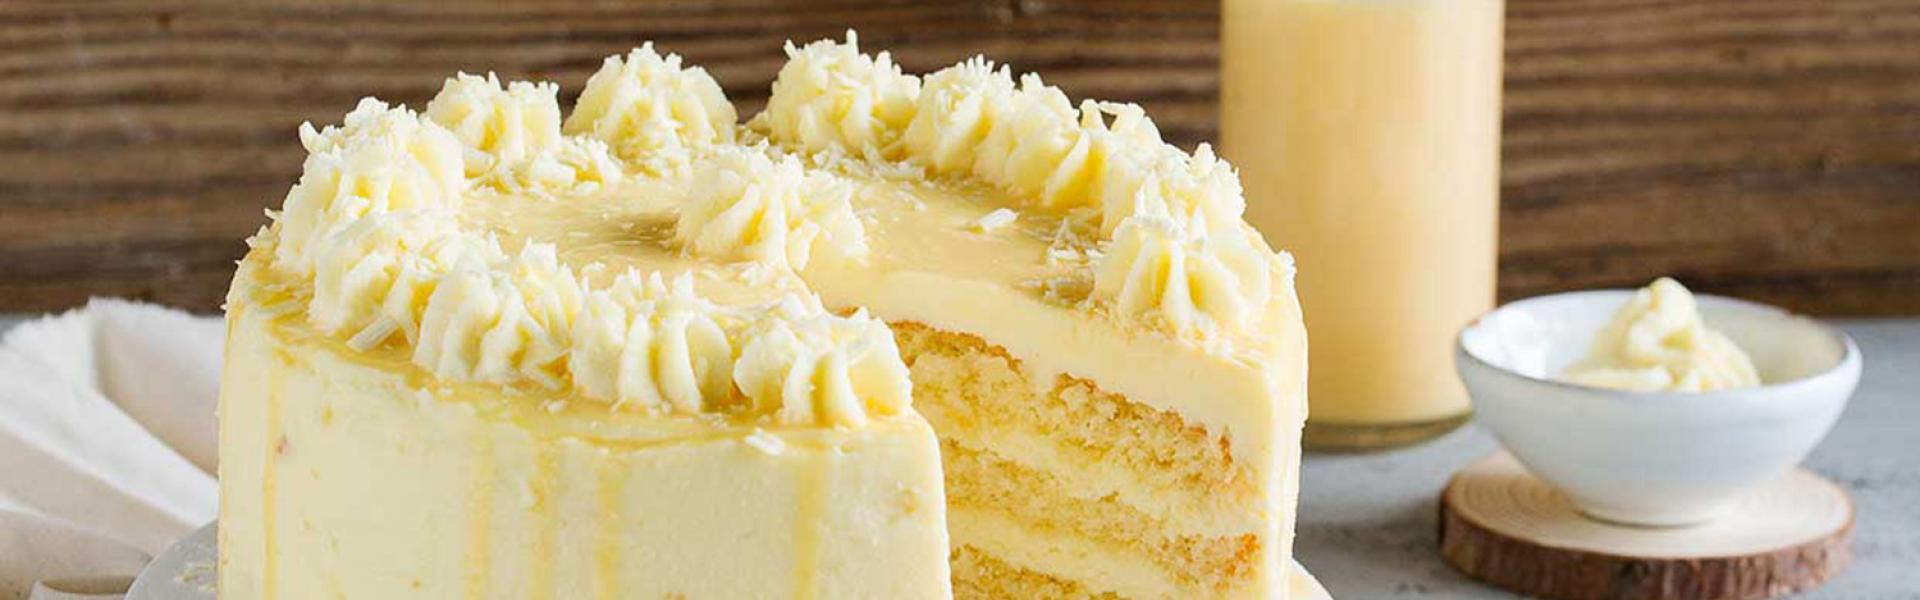 Die Eierlikör Drip Cake mit weißer Schokolade liegt angeschnitten auf einer Etagere. Drumherum ein gedeckter Kaffeetisch und ein Teller mit einem Stück davon.